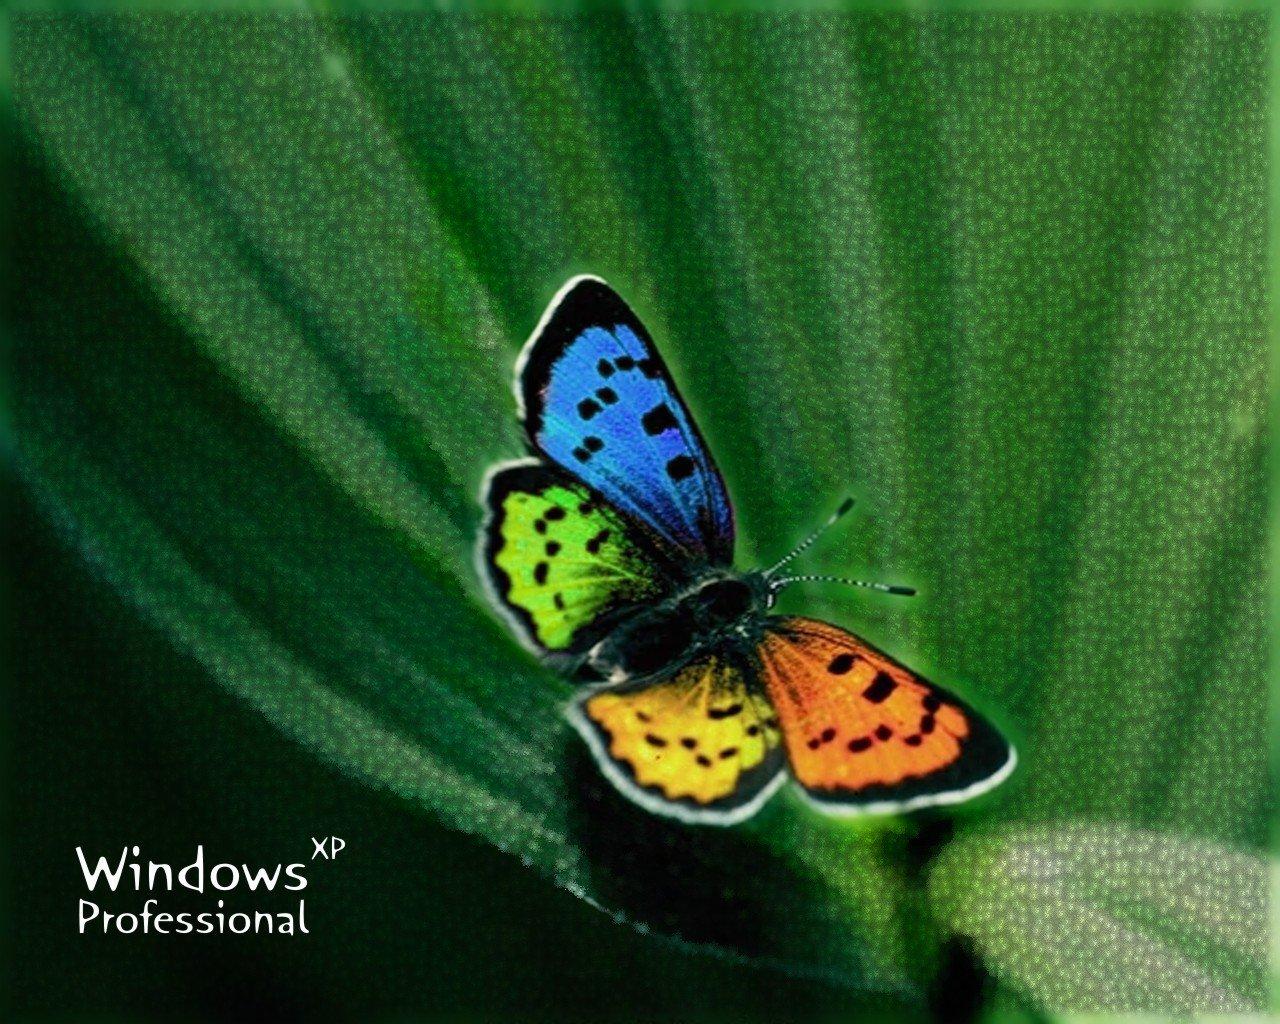 Wallpaper Theme Windows XP papillon